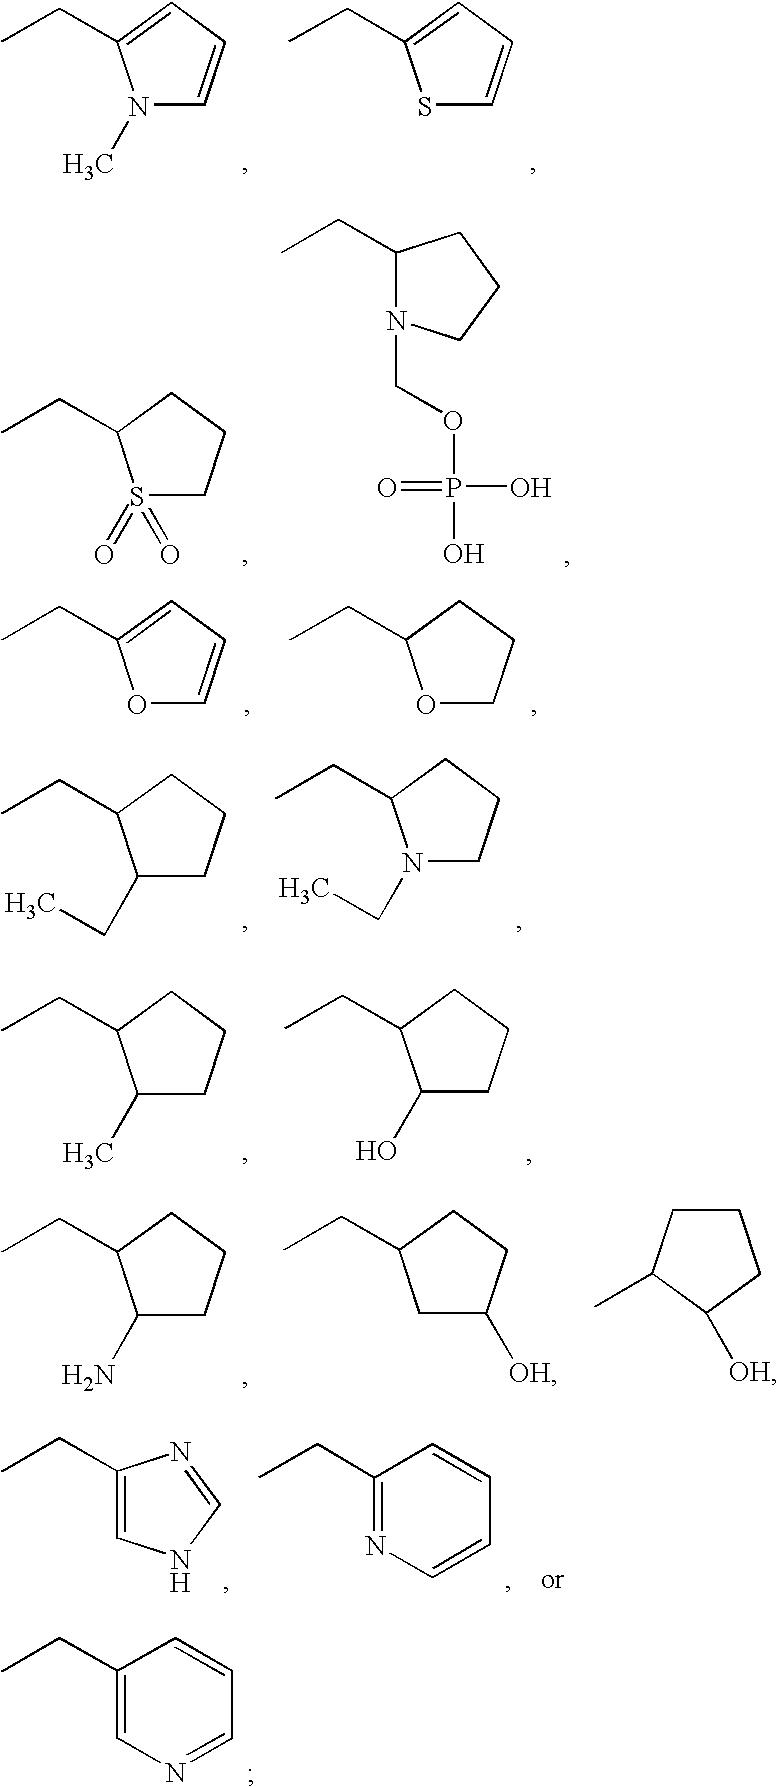 Figure US20050113341A1-20050526-C00063